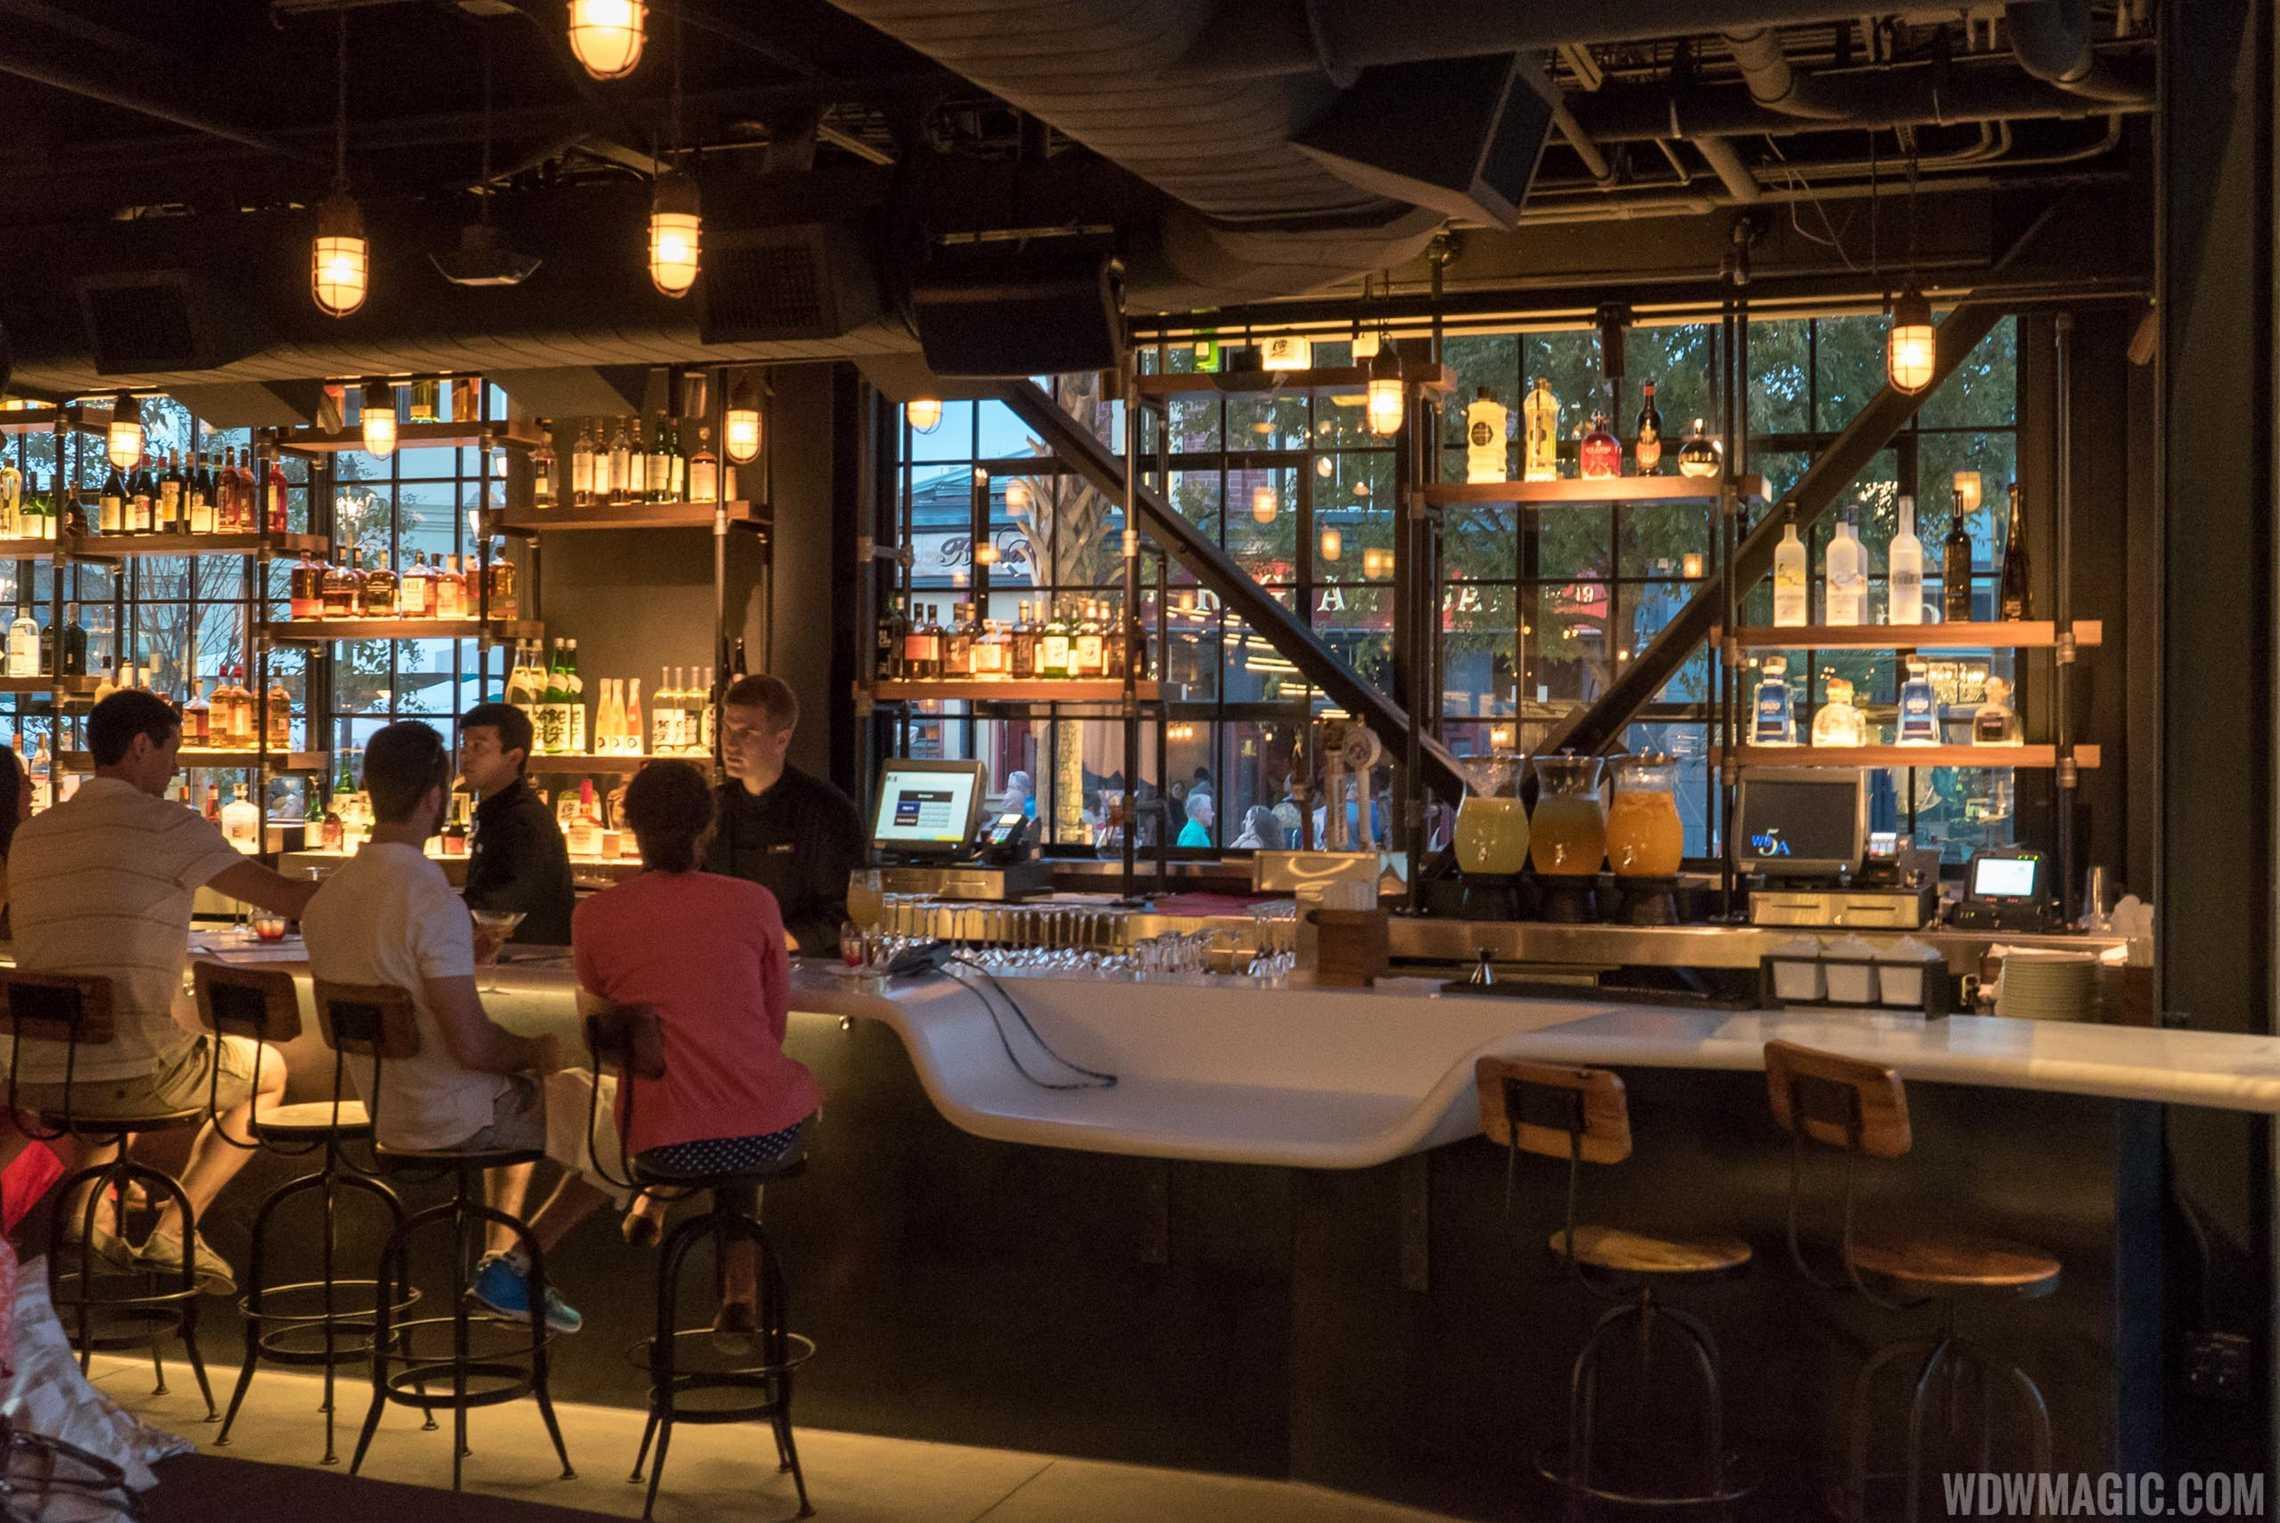 Morimoto Asia - Lower level bar